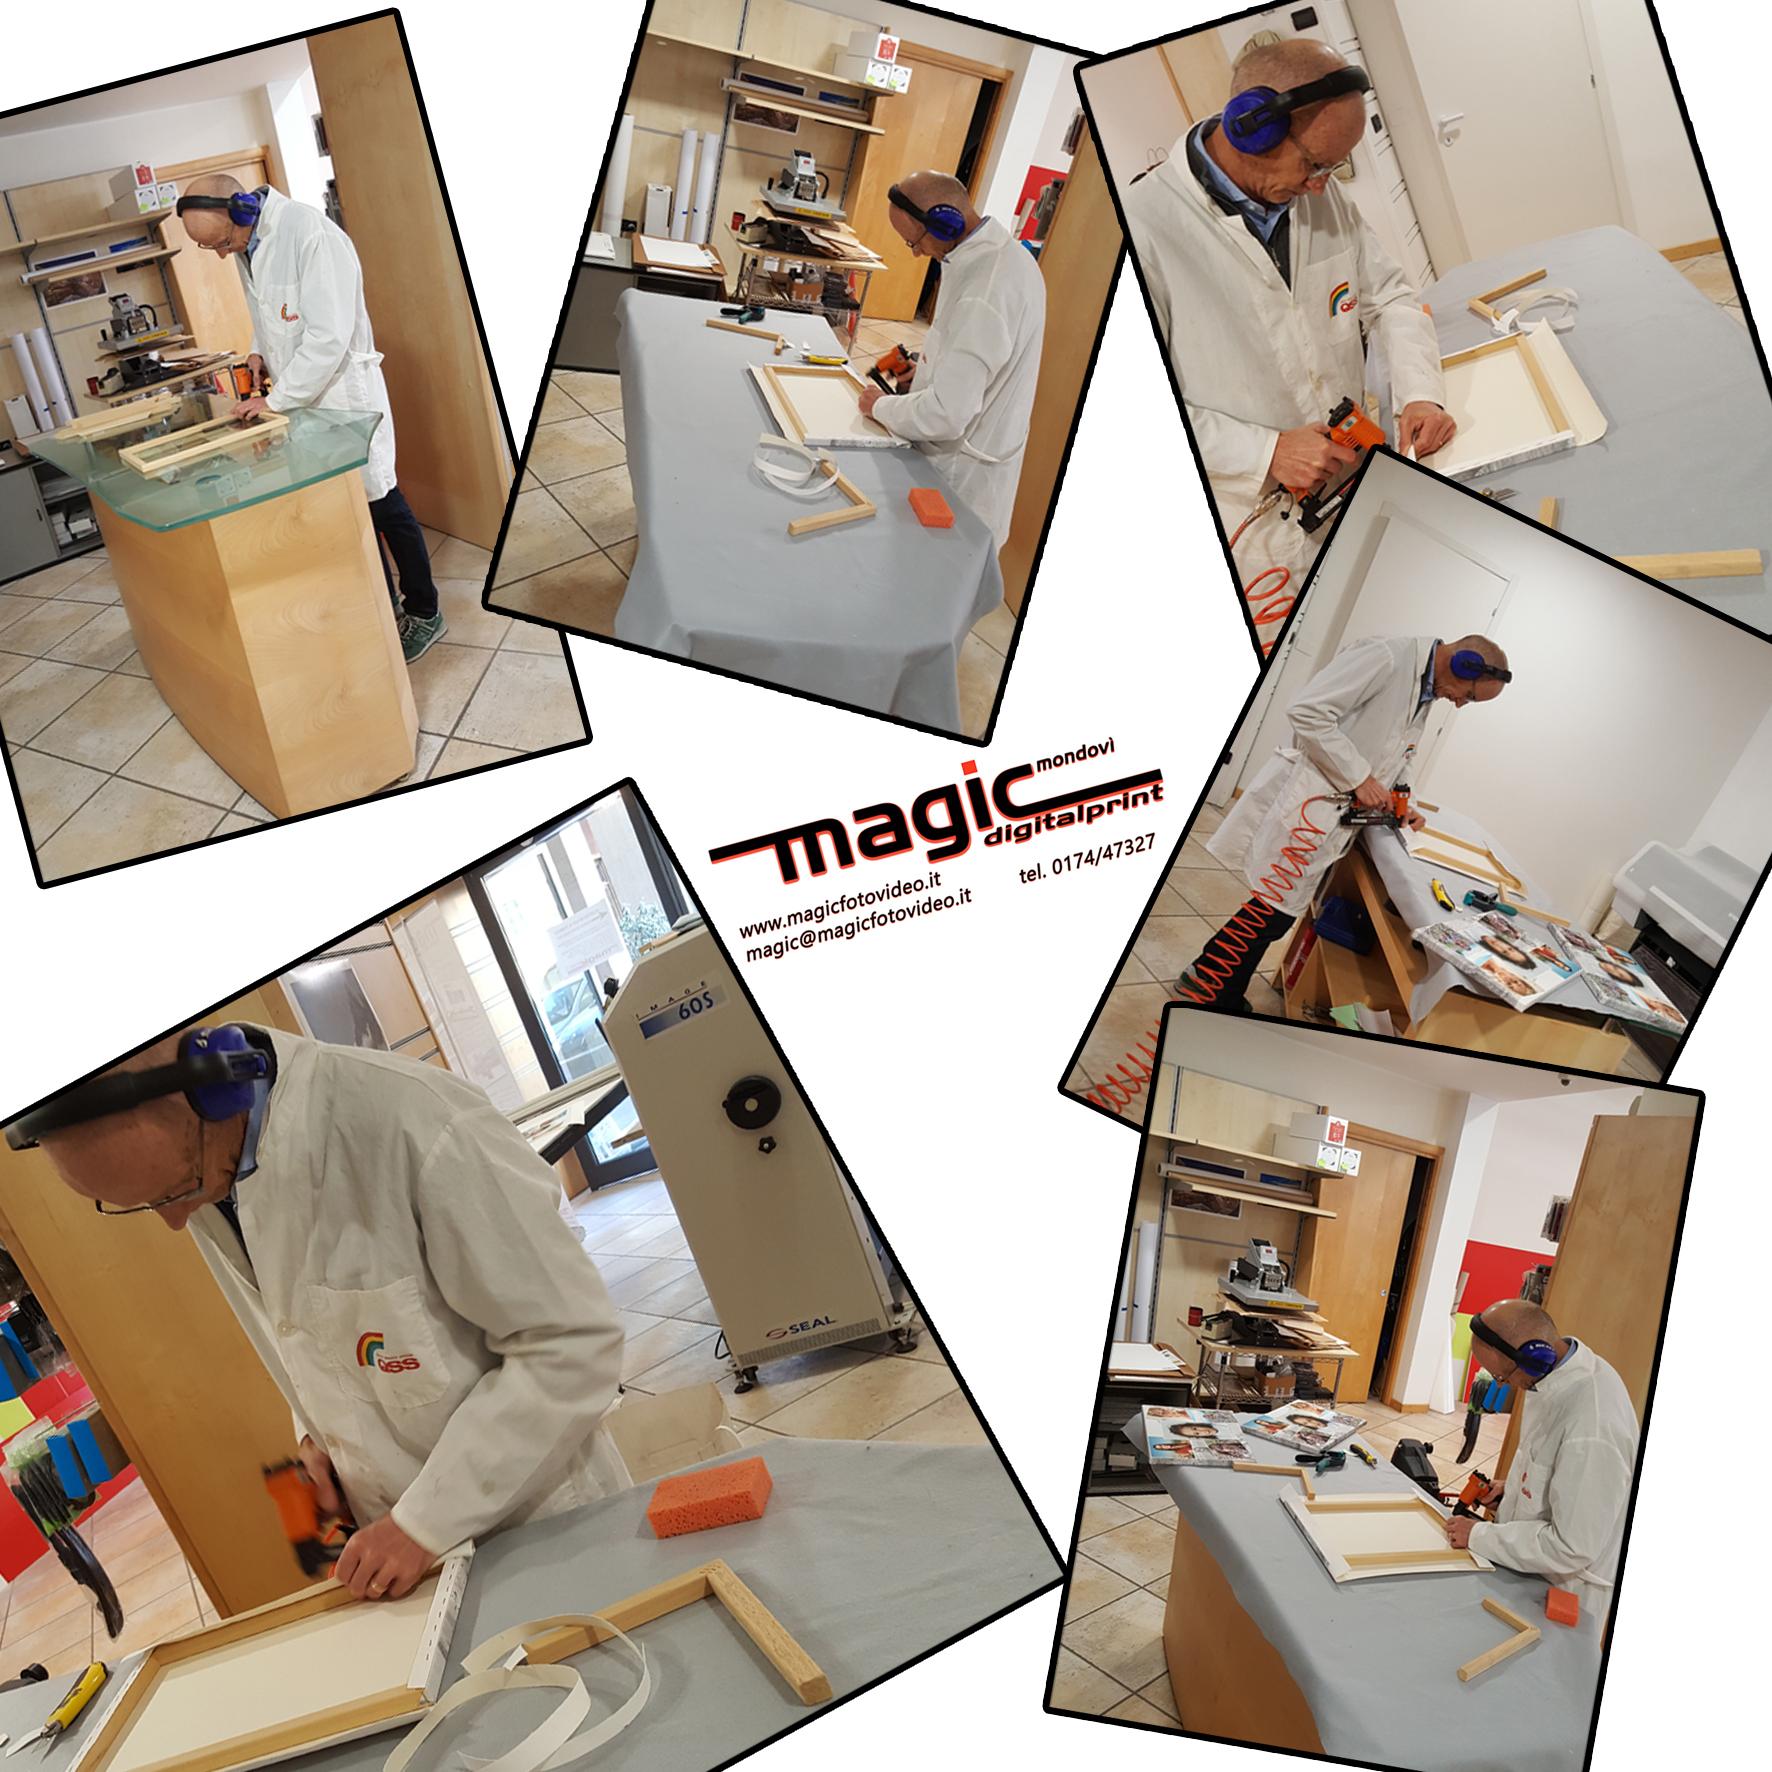 Lavorazione artigianale di stampe su canvass